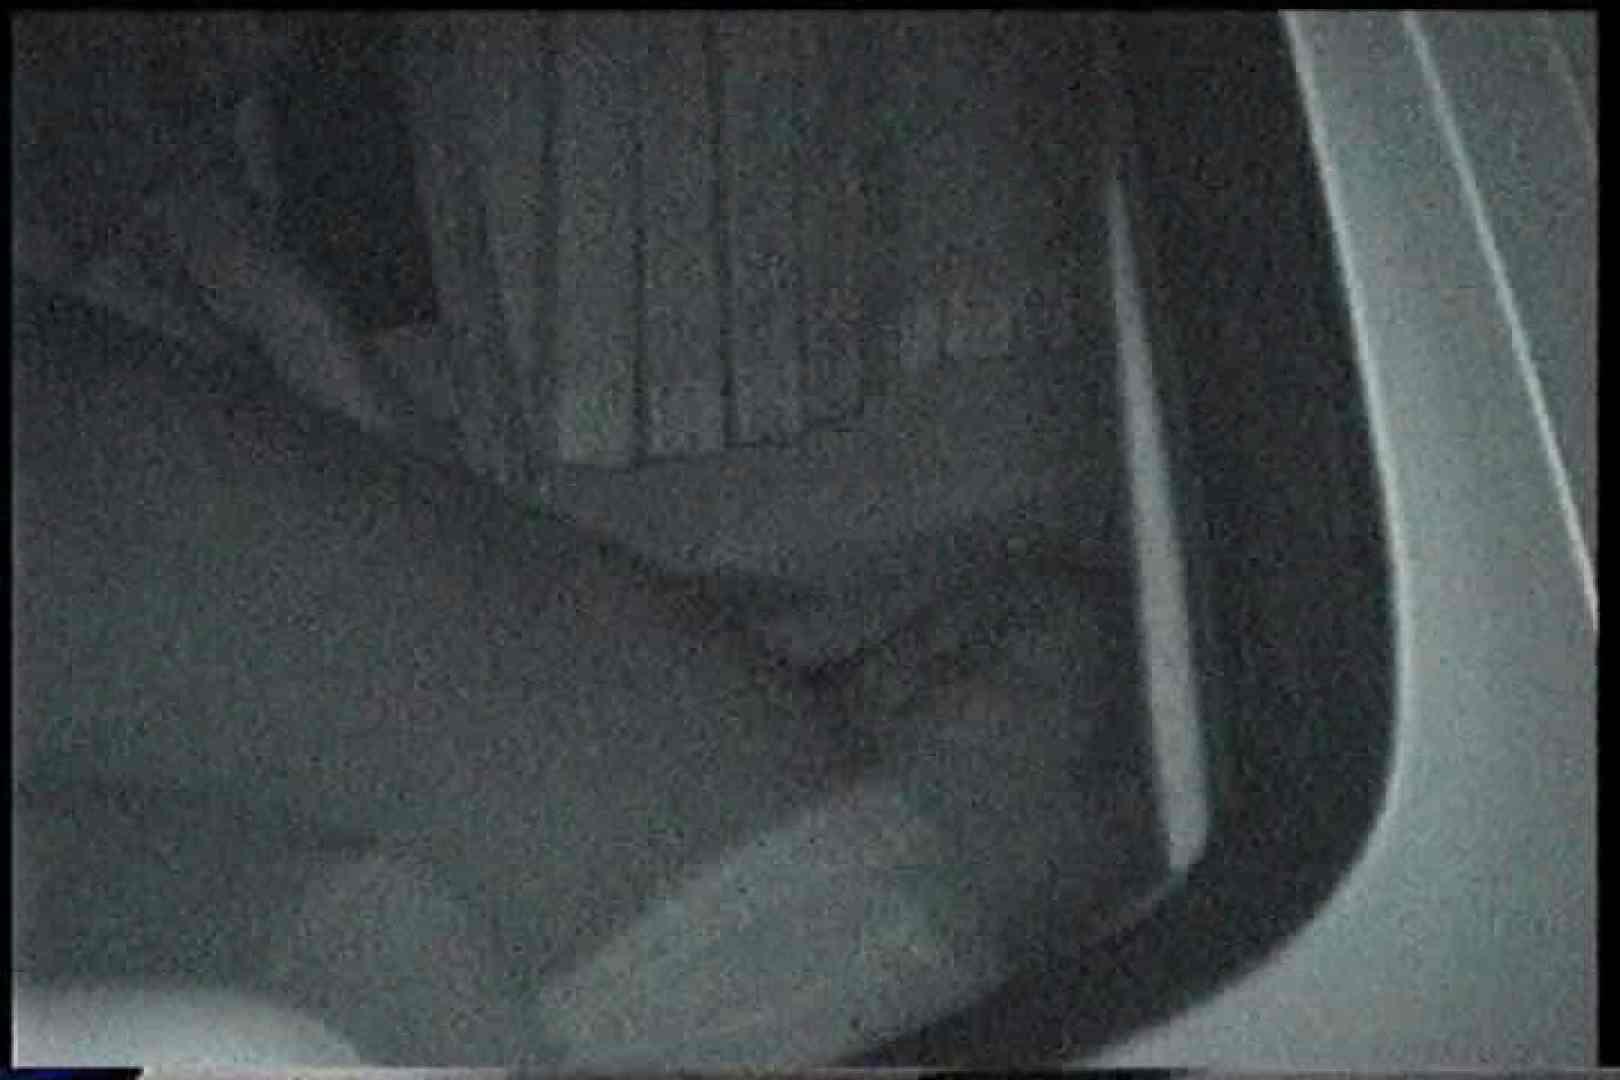 充血監督の深夜の運動会Vol.177 前編 エロティックなOL   カップル盗撮  88画像 5